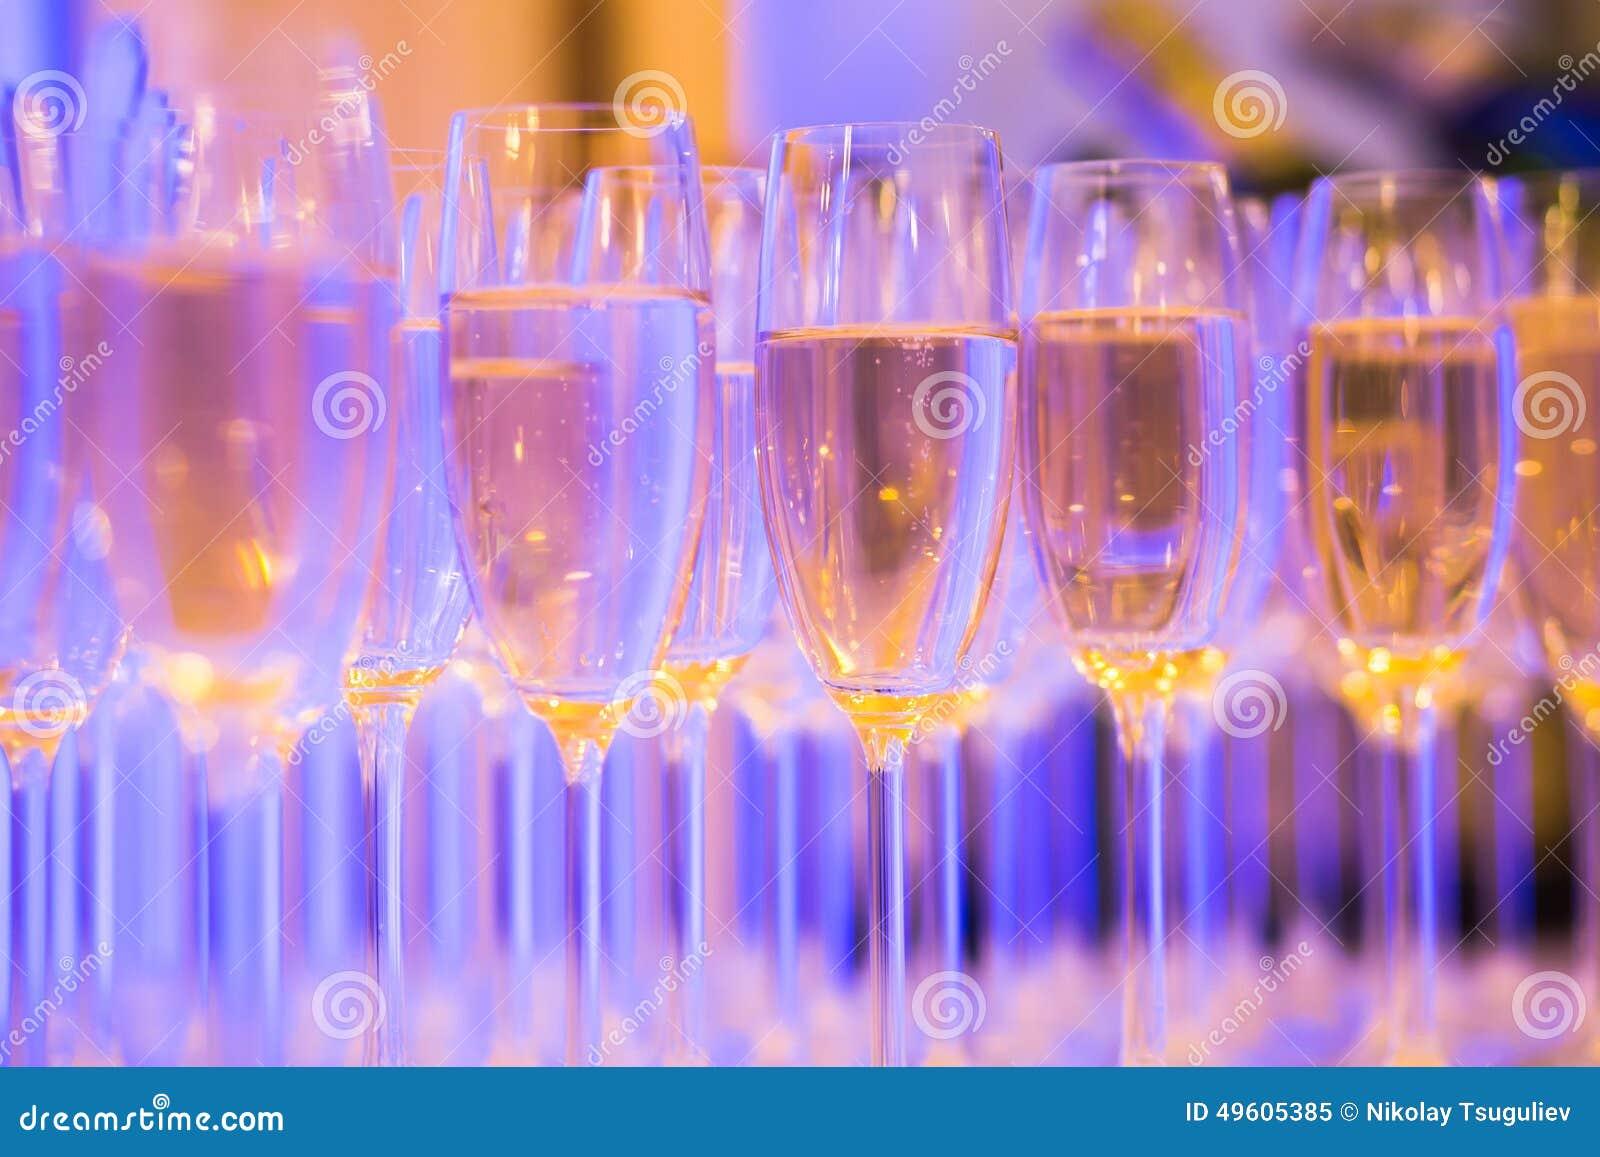 Linha bonita de cocktail coloridos diferentes do álcool com fumo em uma festa de Natal, em um tequila, em um martini, em uma vodc